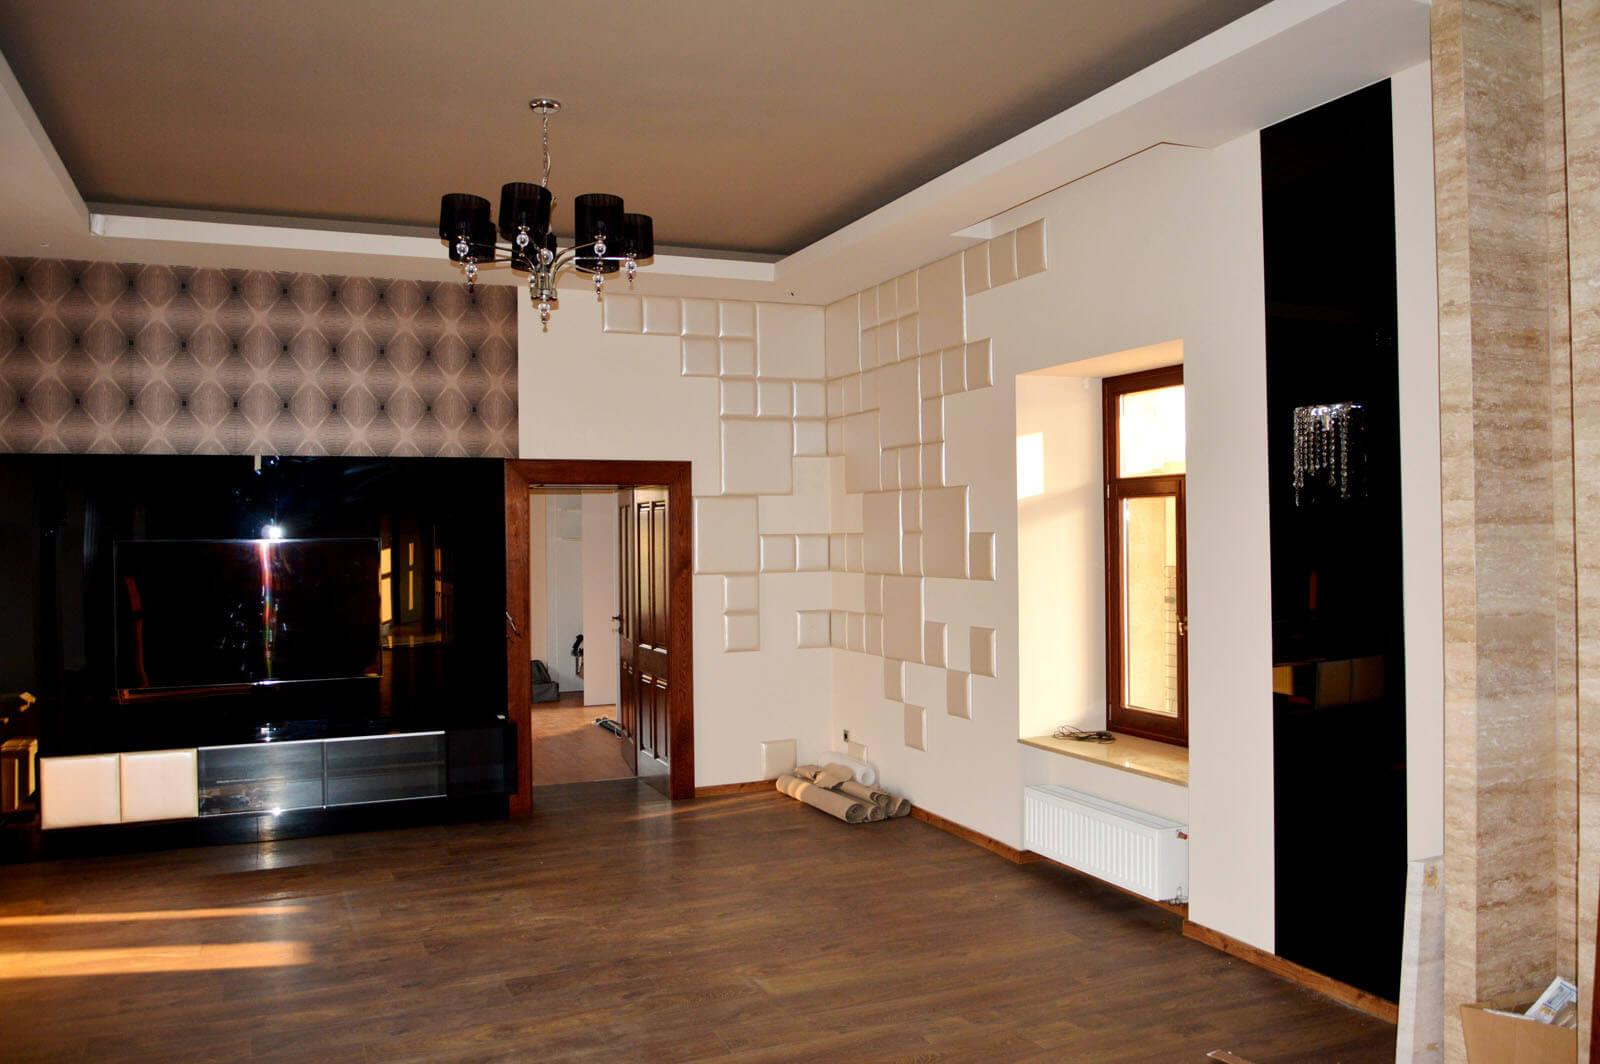 Egyedi nappali bútor készítés fekete üvegburkolattal, rejtett LED világítással